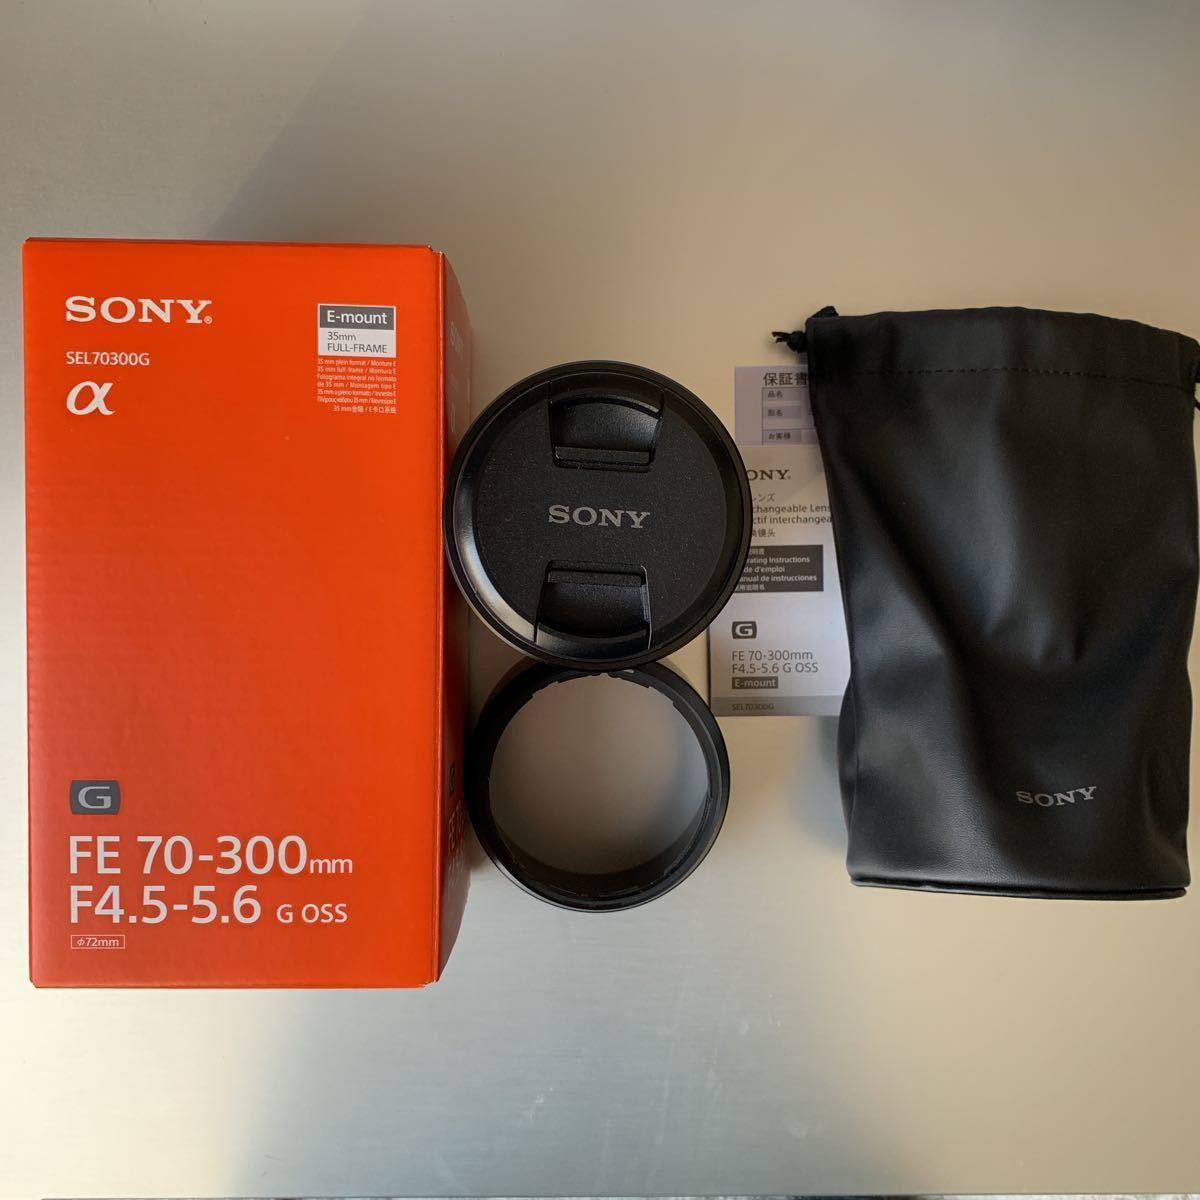 SONY ソニー FE 70-300 ㎜ F4.5-5.6 G OSS SEL70300G